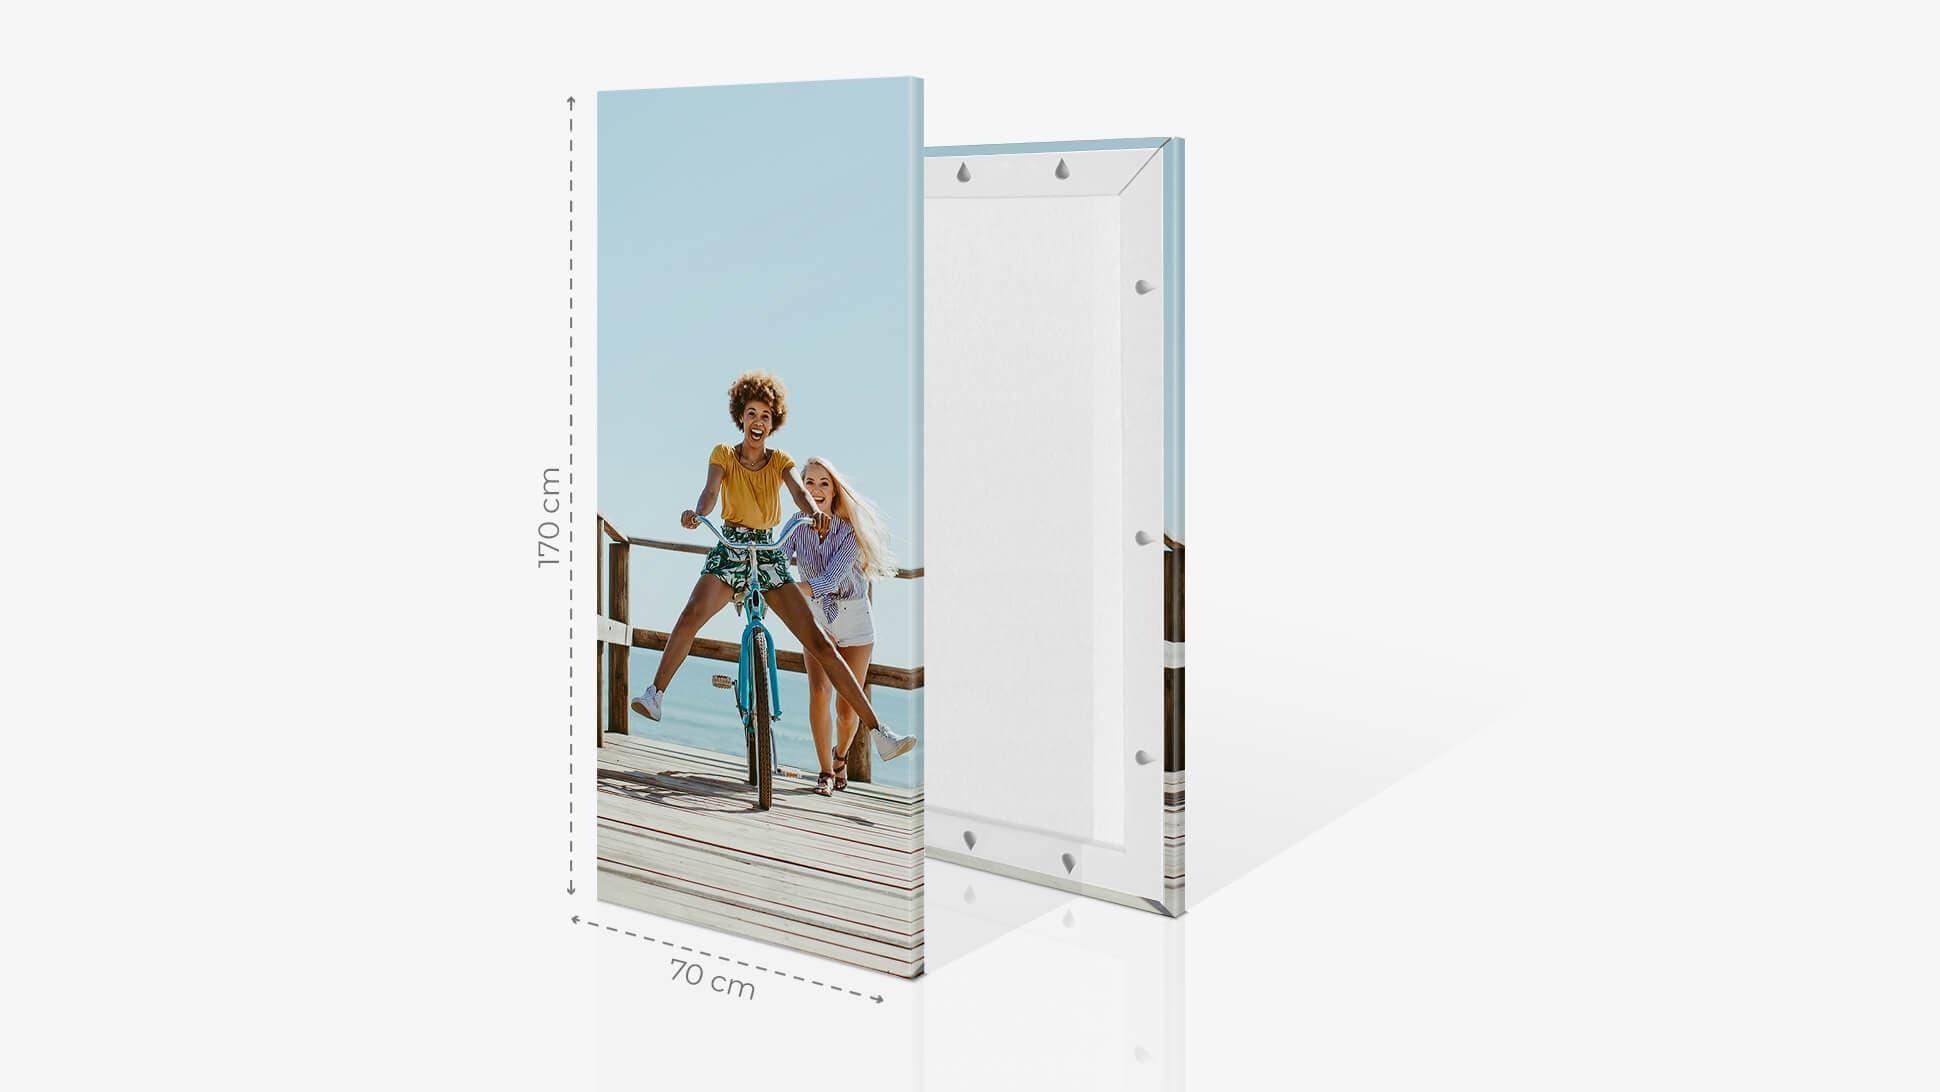 Fotoquadro 70x170cm con grafica | tictac.it